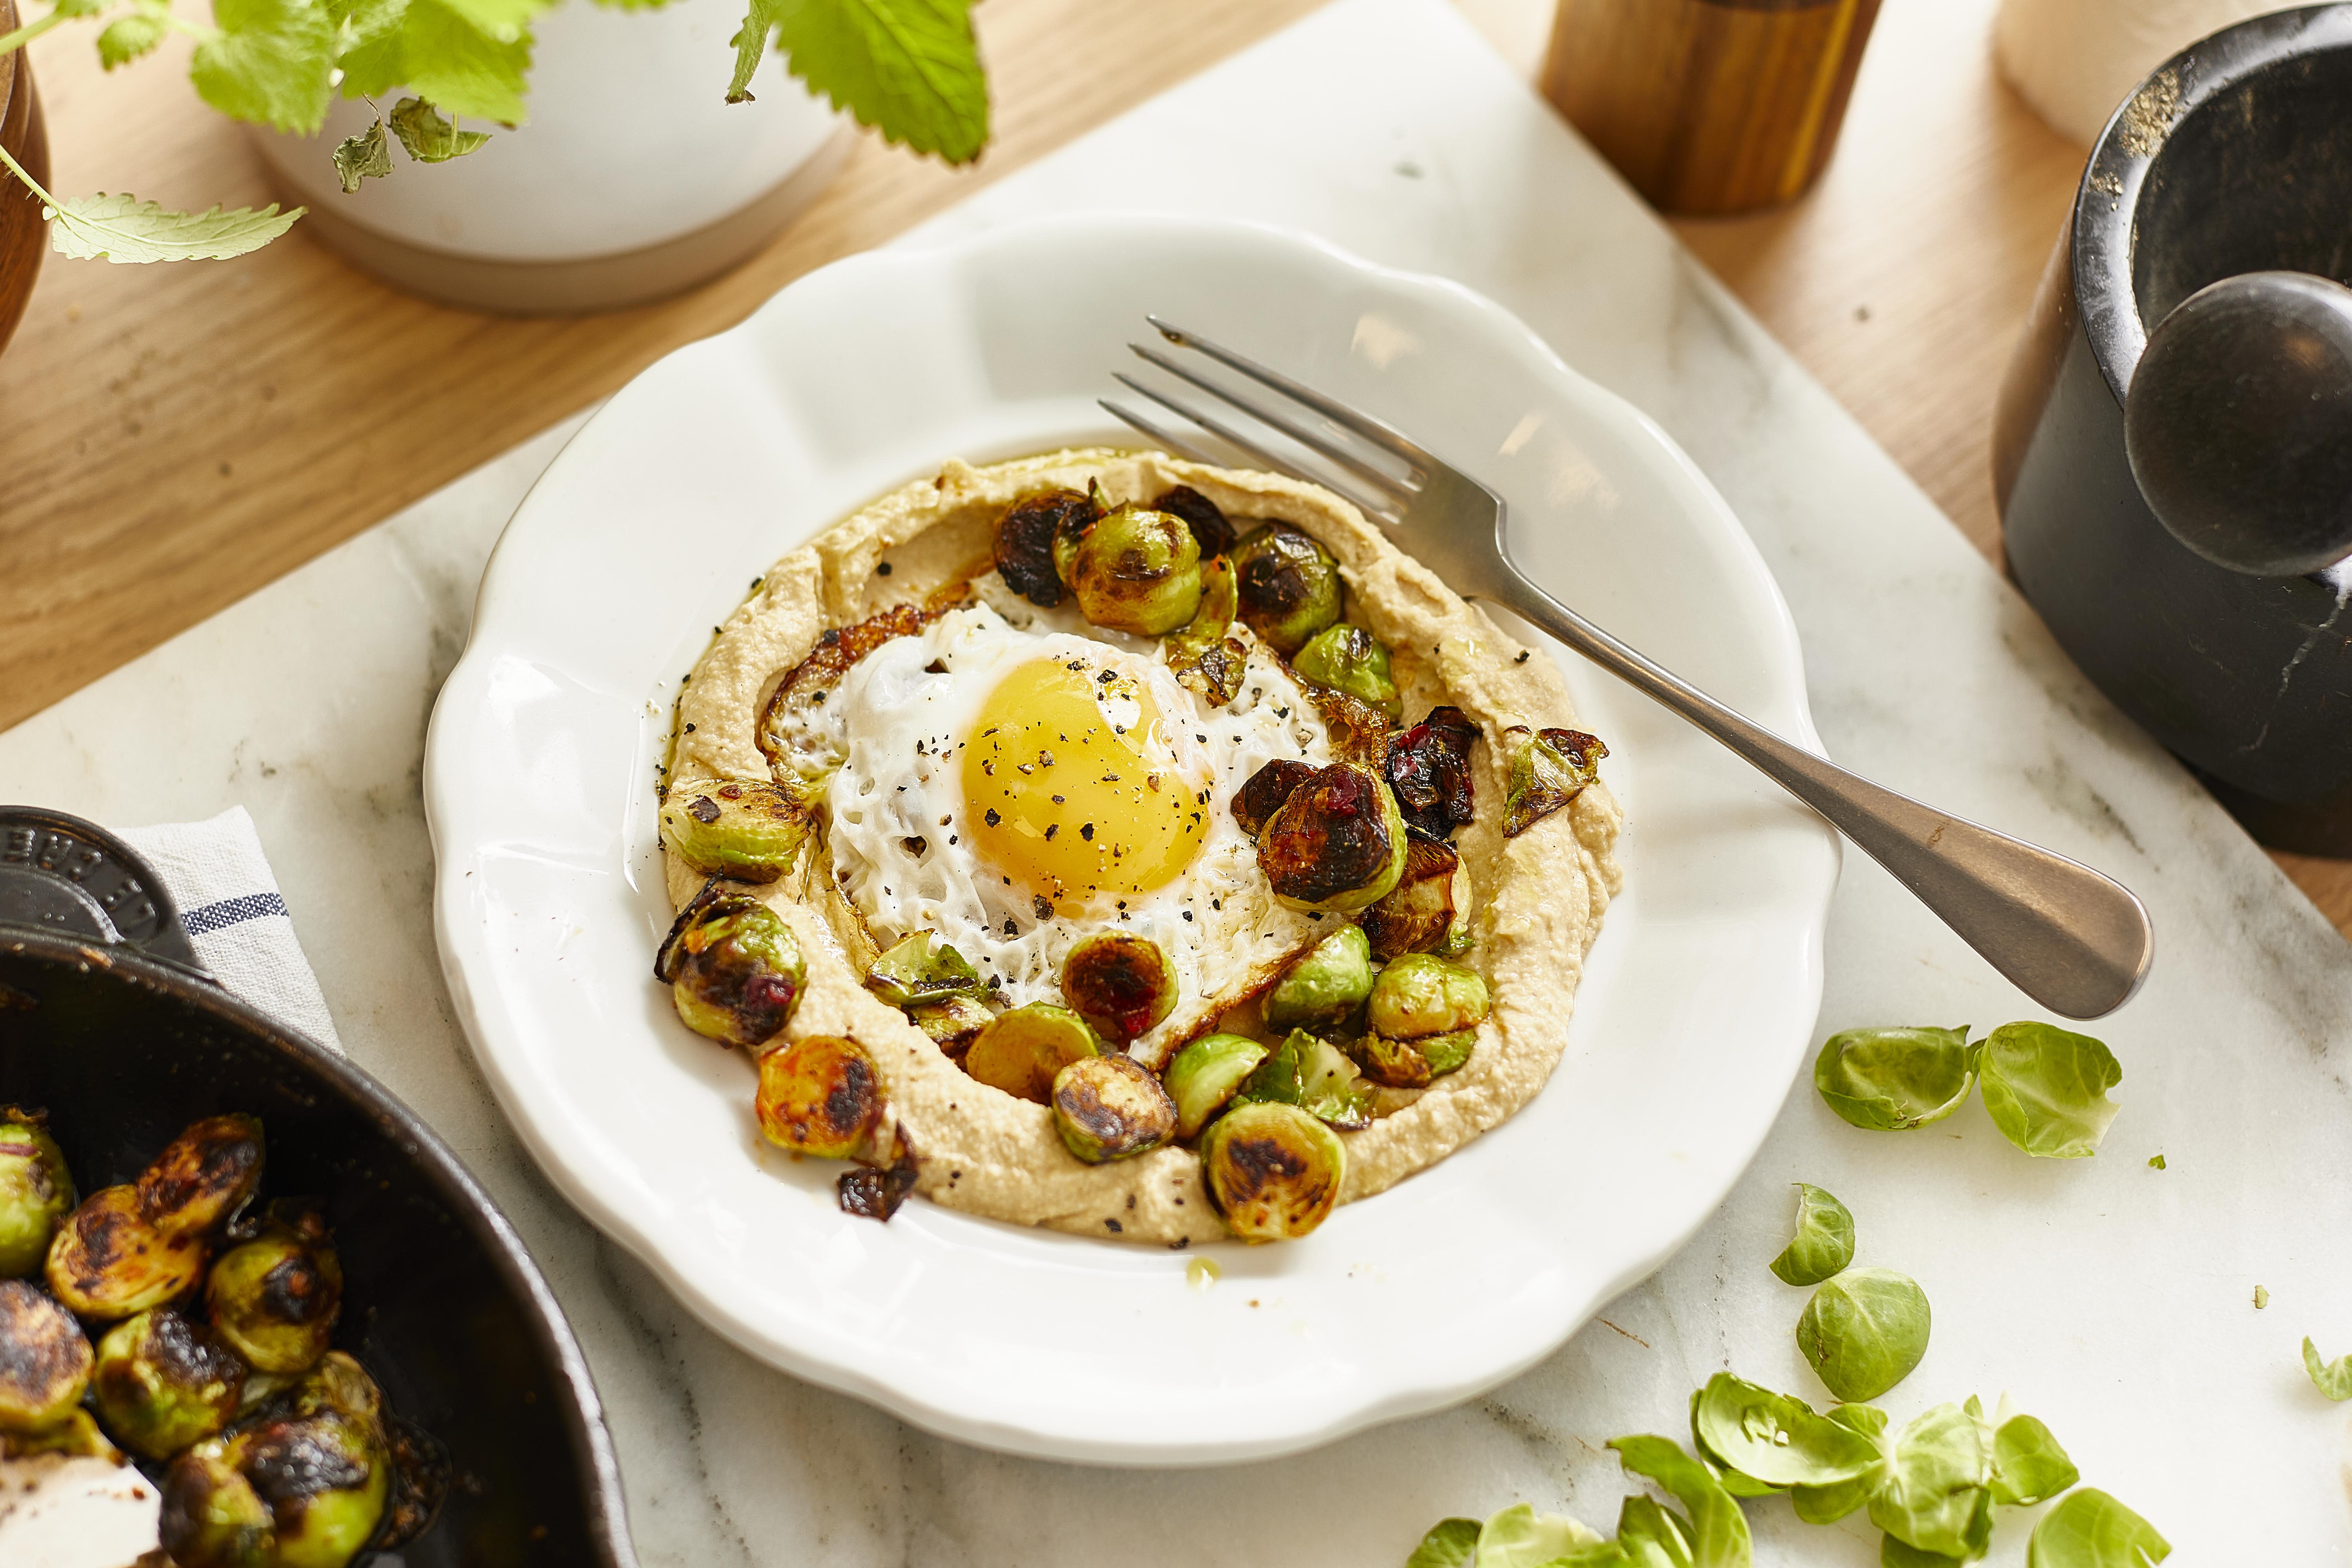 Kohlsprossen-hummus-rezept-einfach-